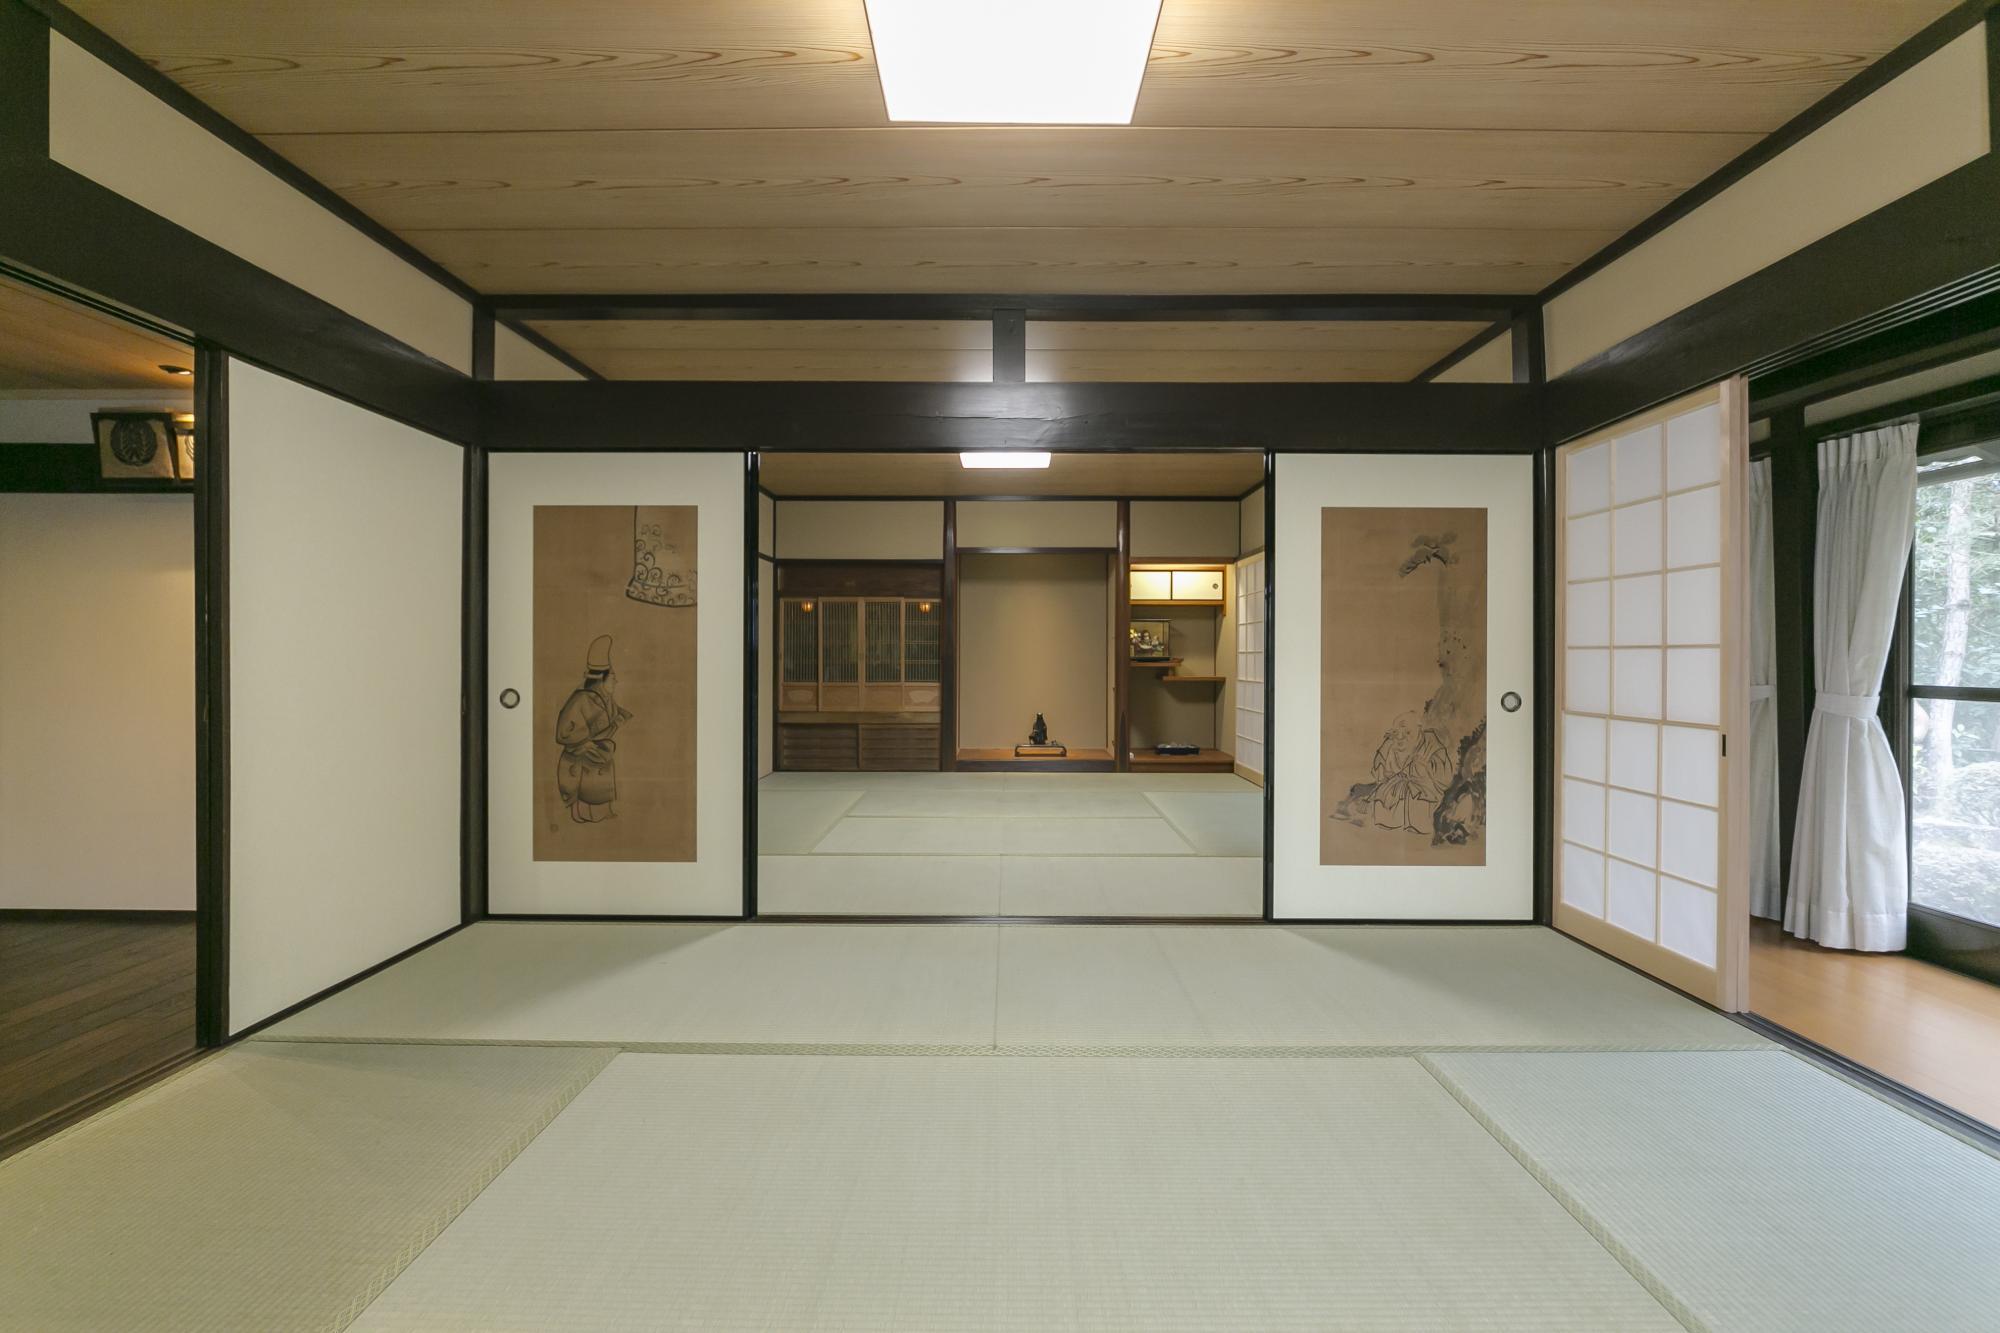 奥の仏間は6畳から8畳に広げ、床の間や違い棚の床板はケヤキを使用。畳はニ間とも新しく取り替え、襖絵は修復している。